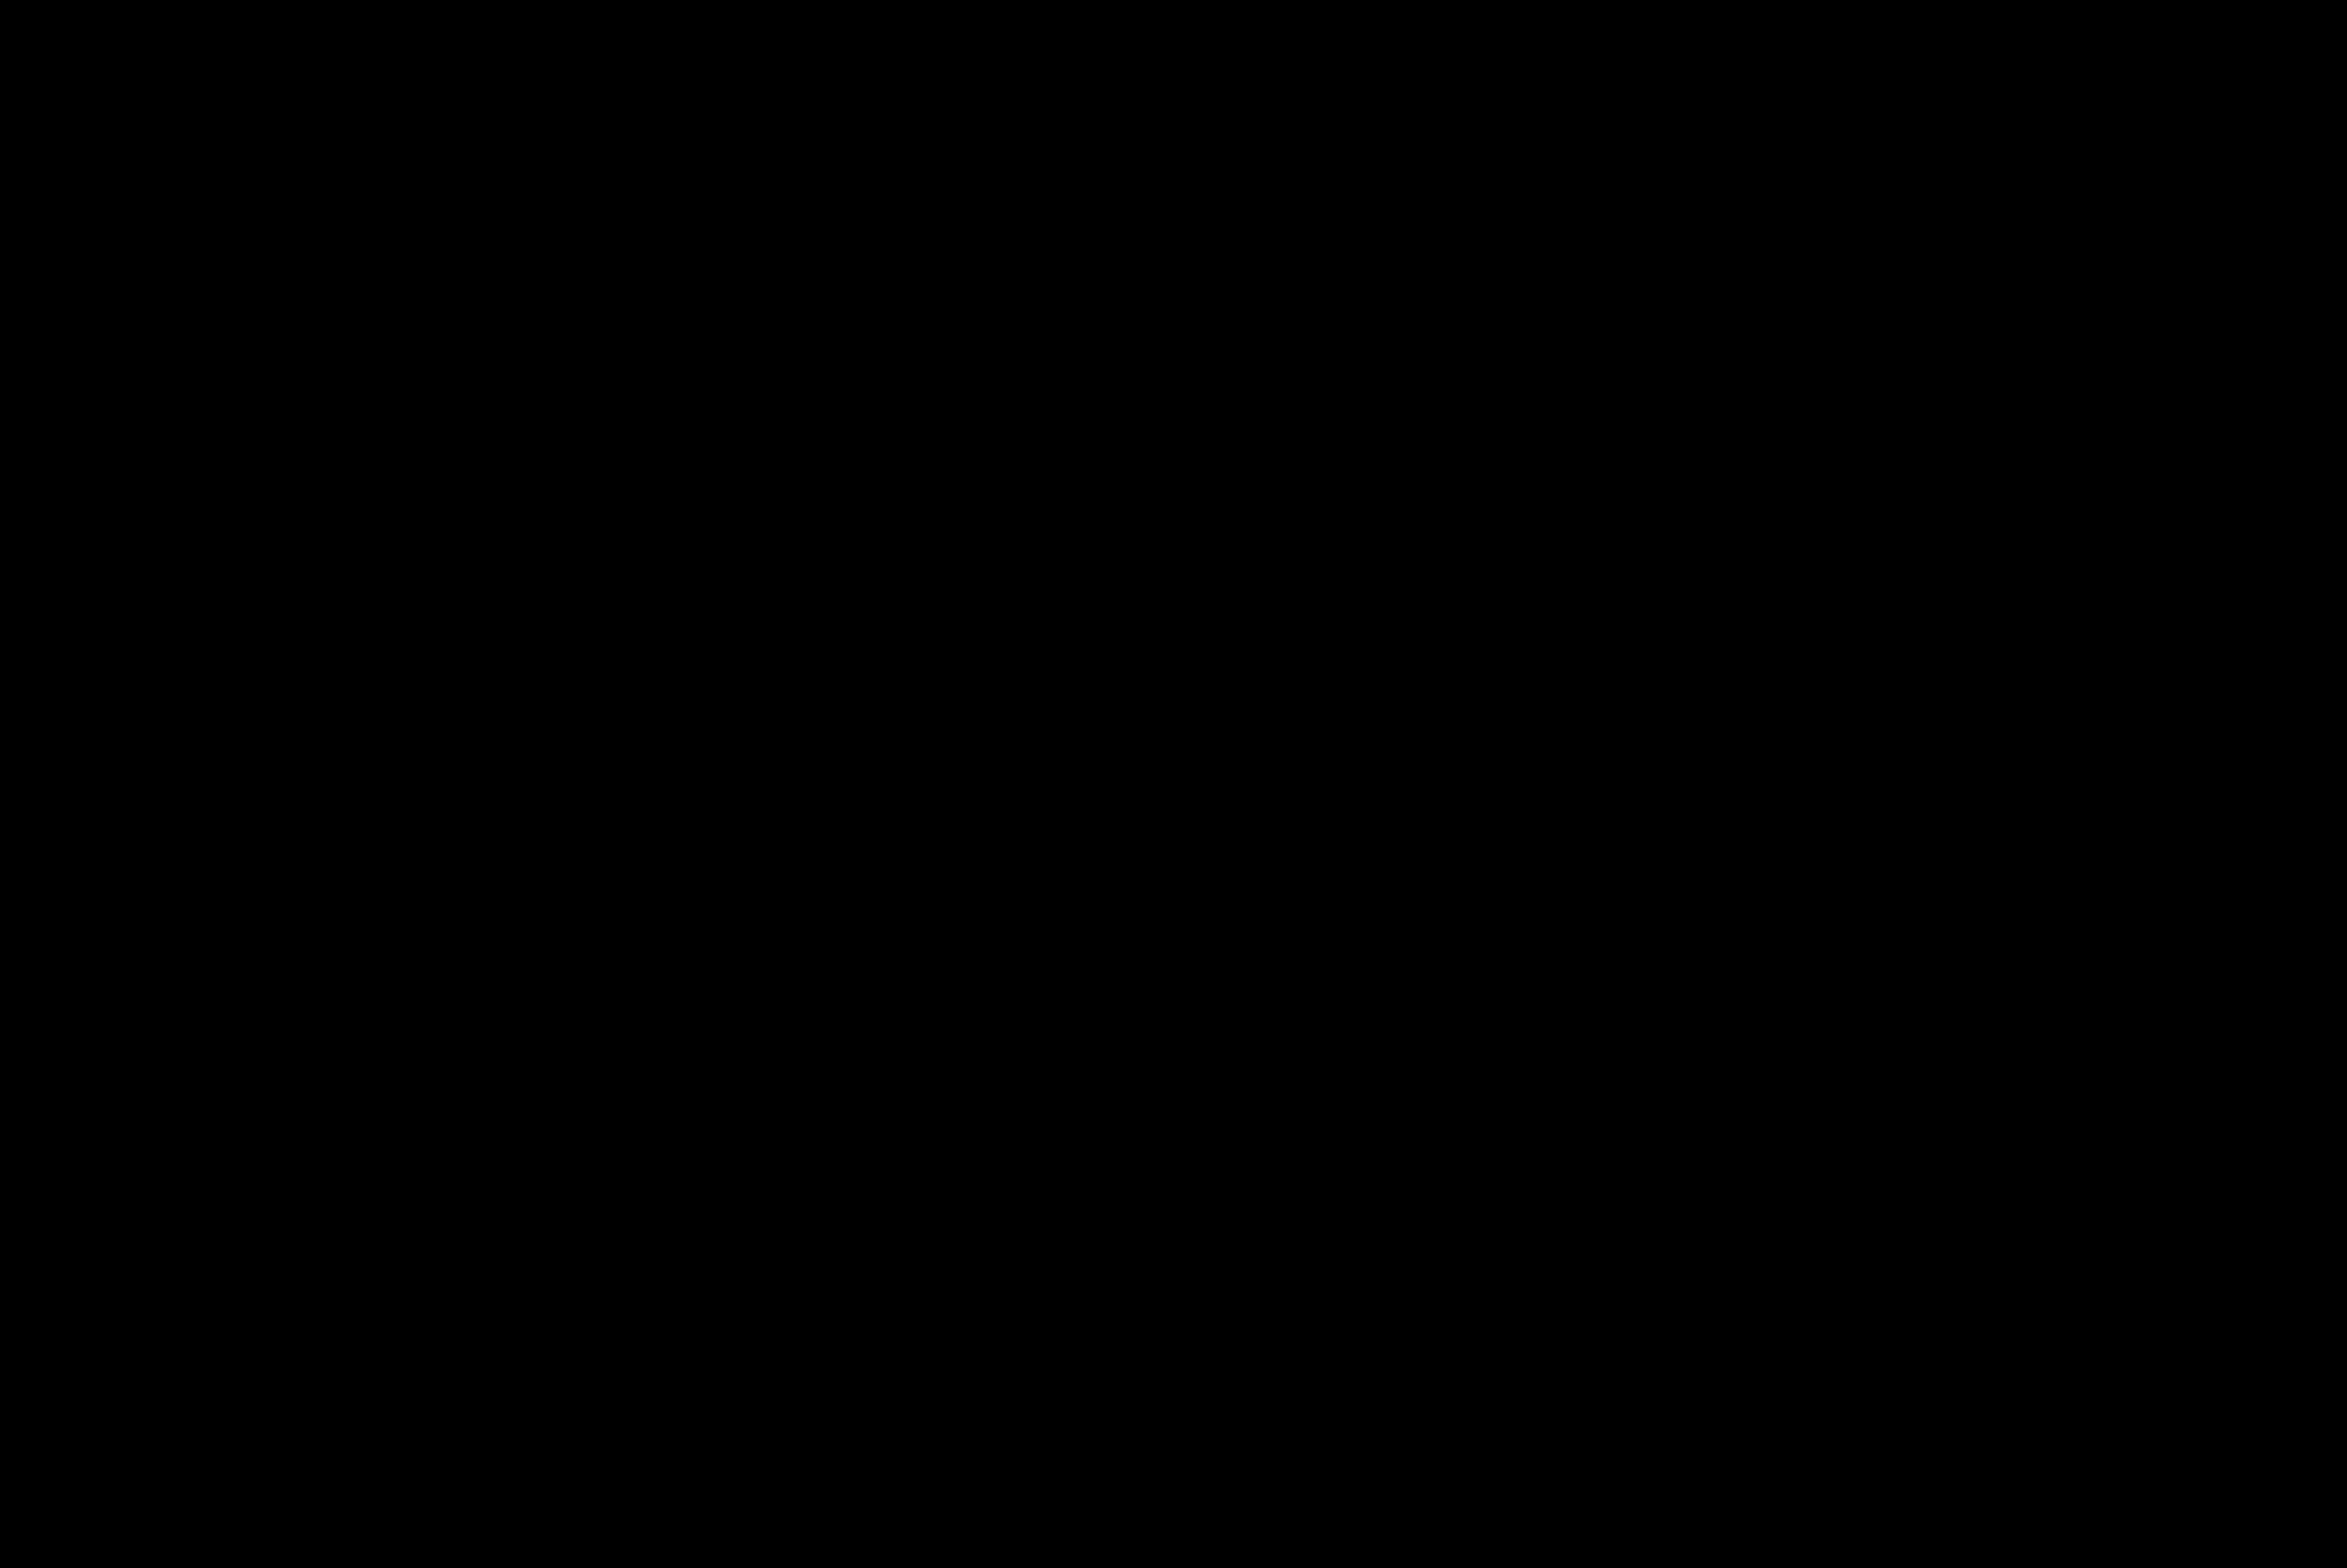 Michel's Greg LeMond Ventoux — 1989 Tour de France Edition